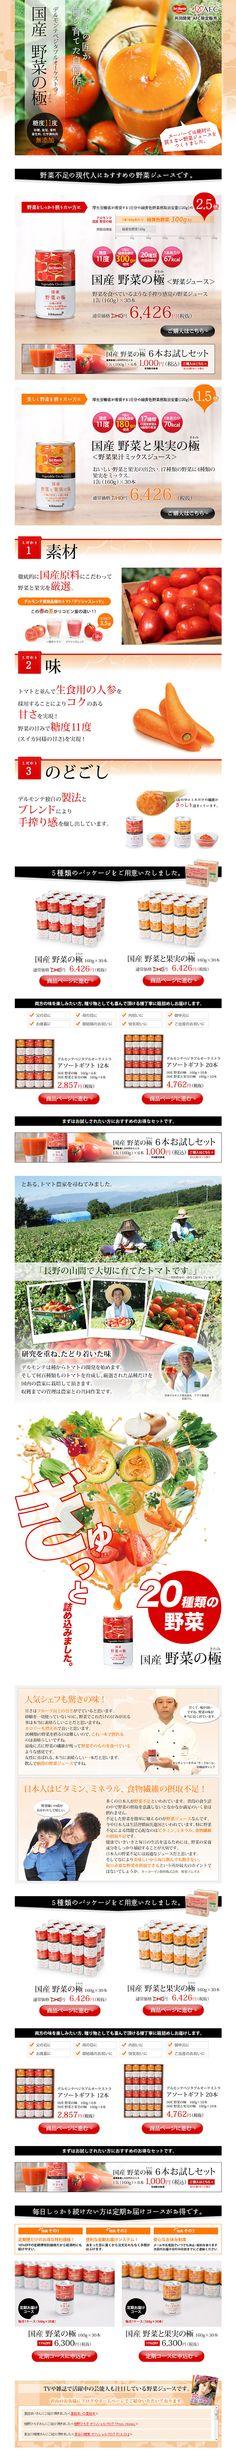 ランディングページ LP 国産 野菜の極 飲料・お酒 自社サイト